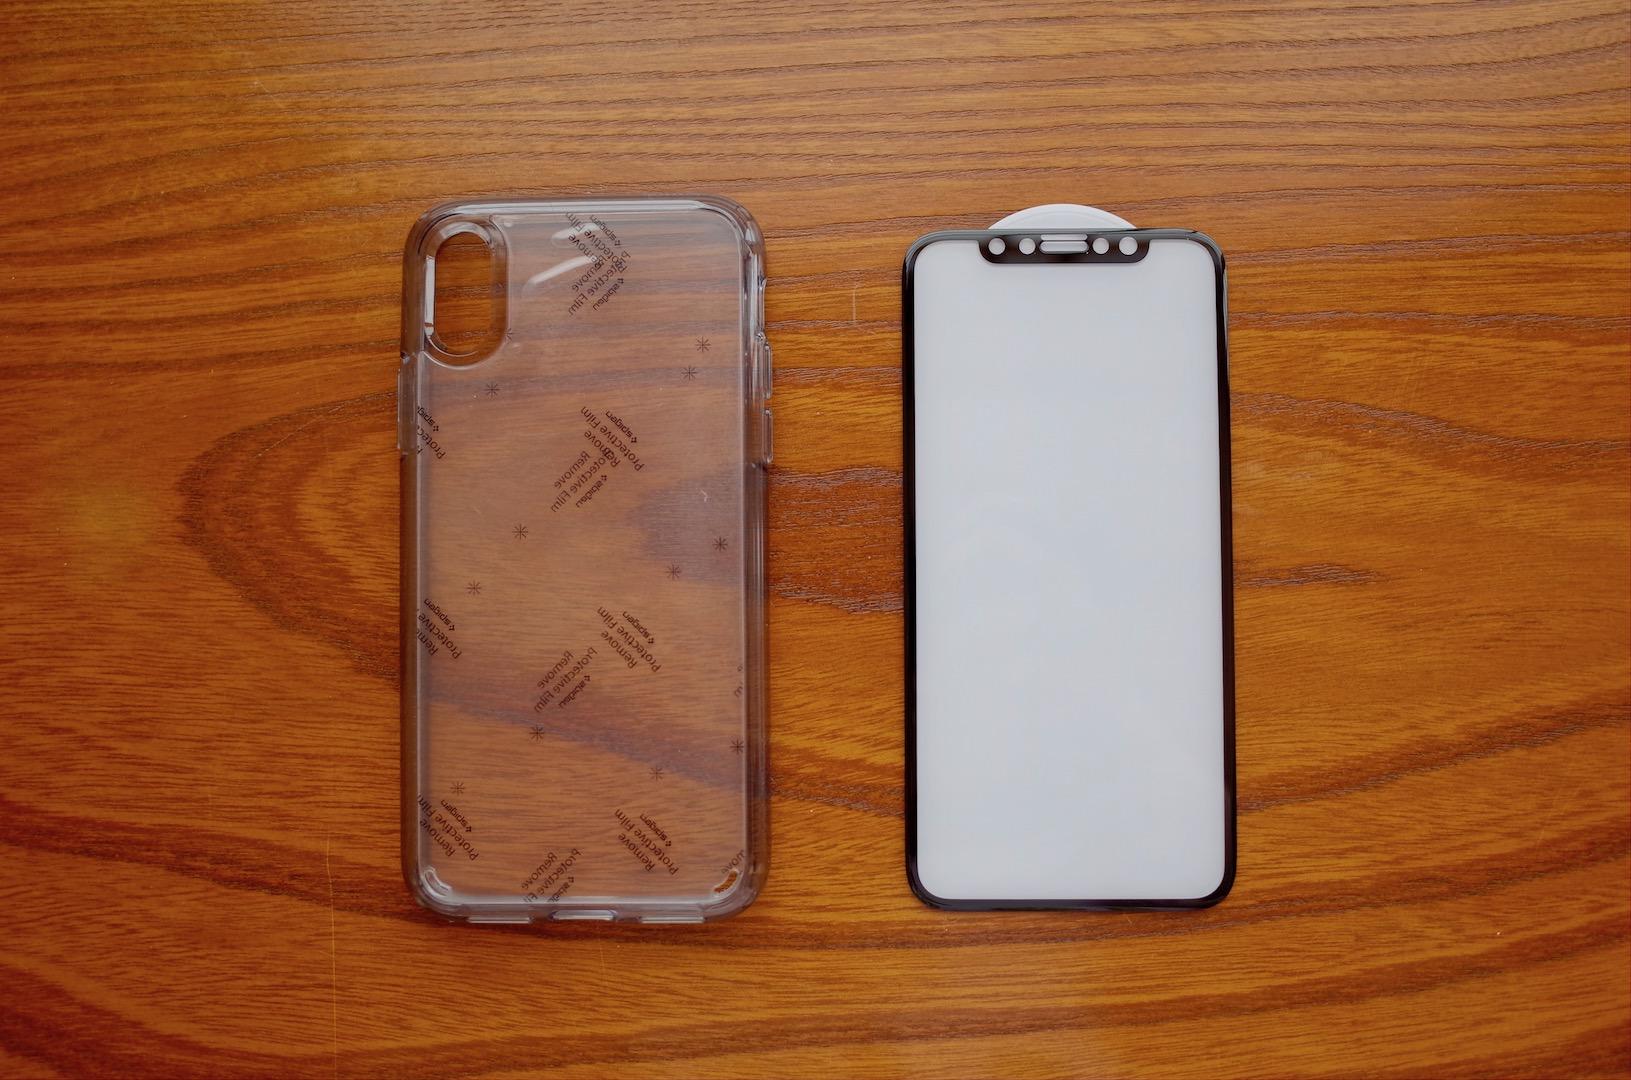 iPhone X 予約完了!ケースとガラスフィルムを買ったよ